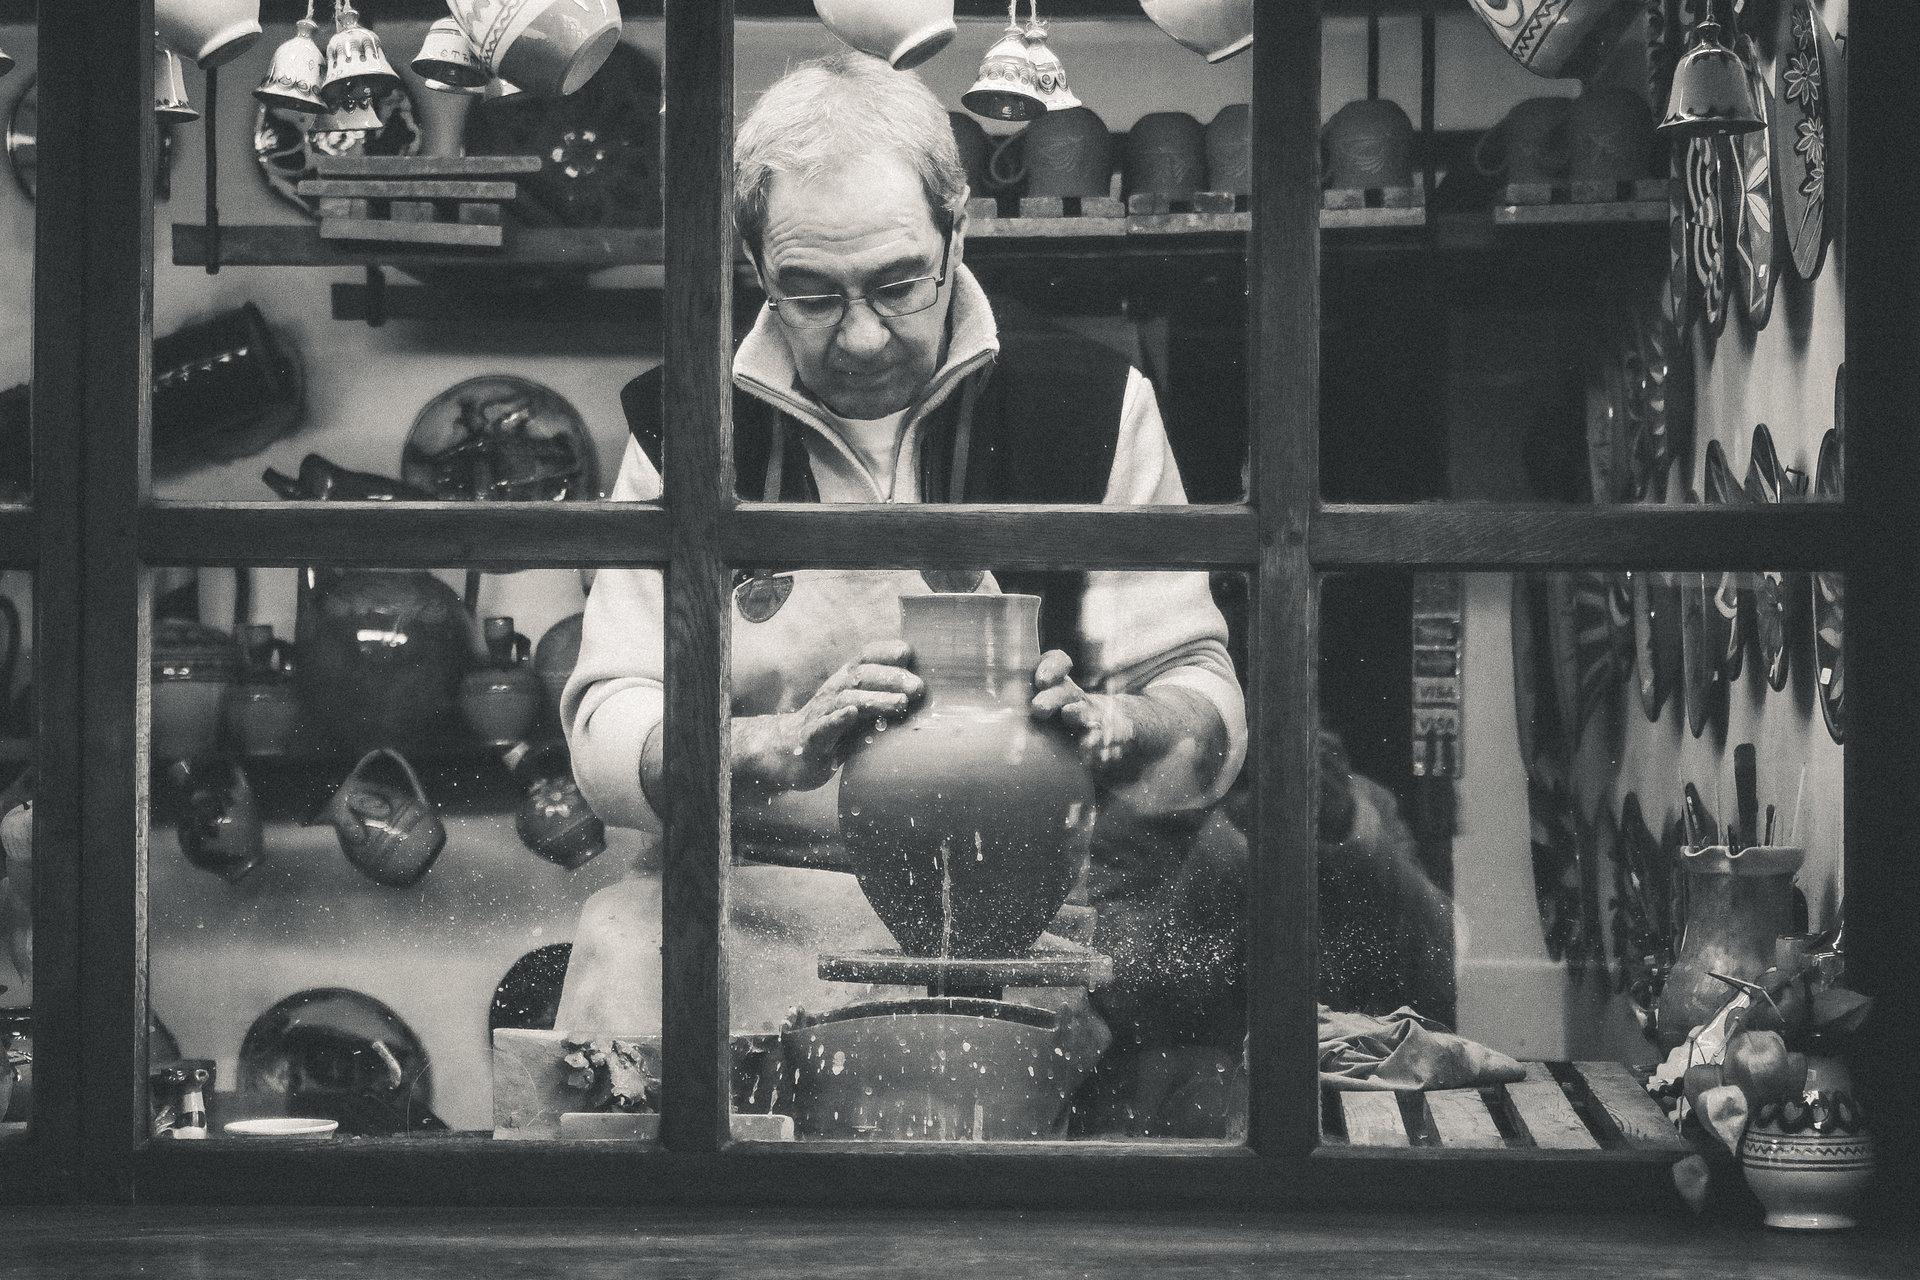 Труд в B&W | Author George Tsonkov - Dualbox | PHOTO FORUM